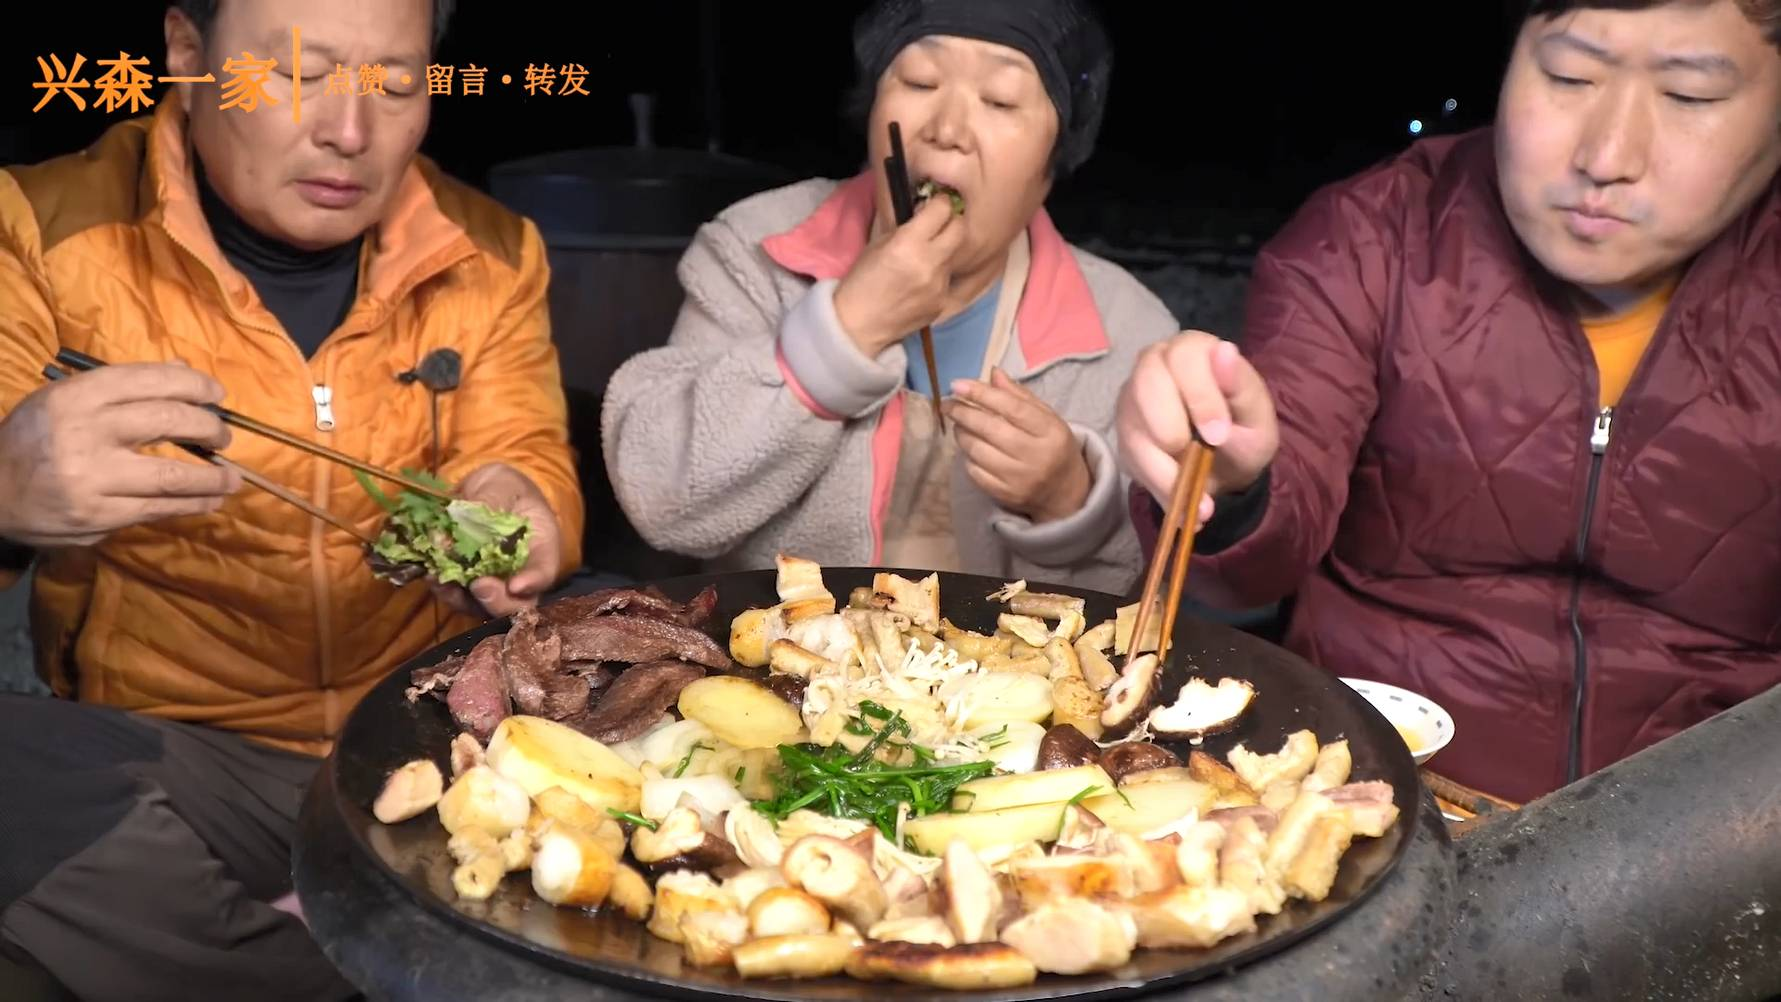 洋葱小碗加上美味的烤牛肠,再喝一口小酒,搭配在一起太好吃了!